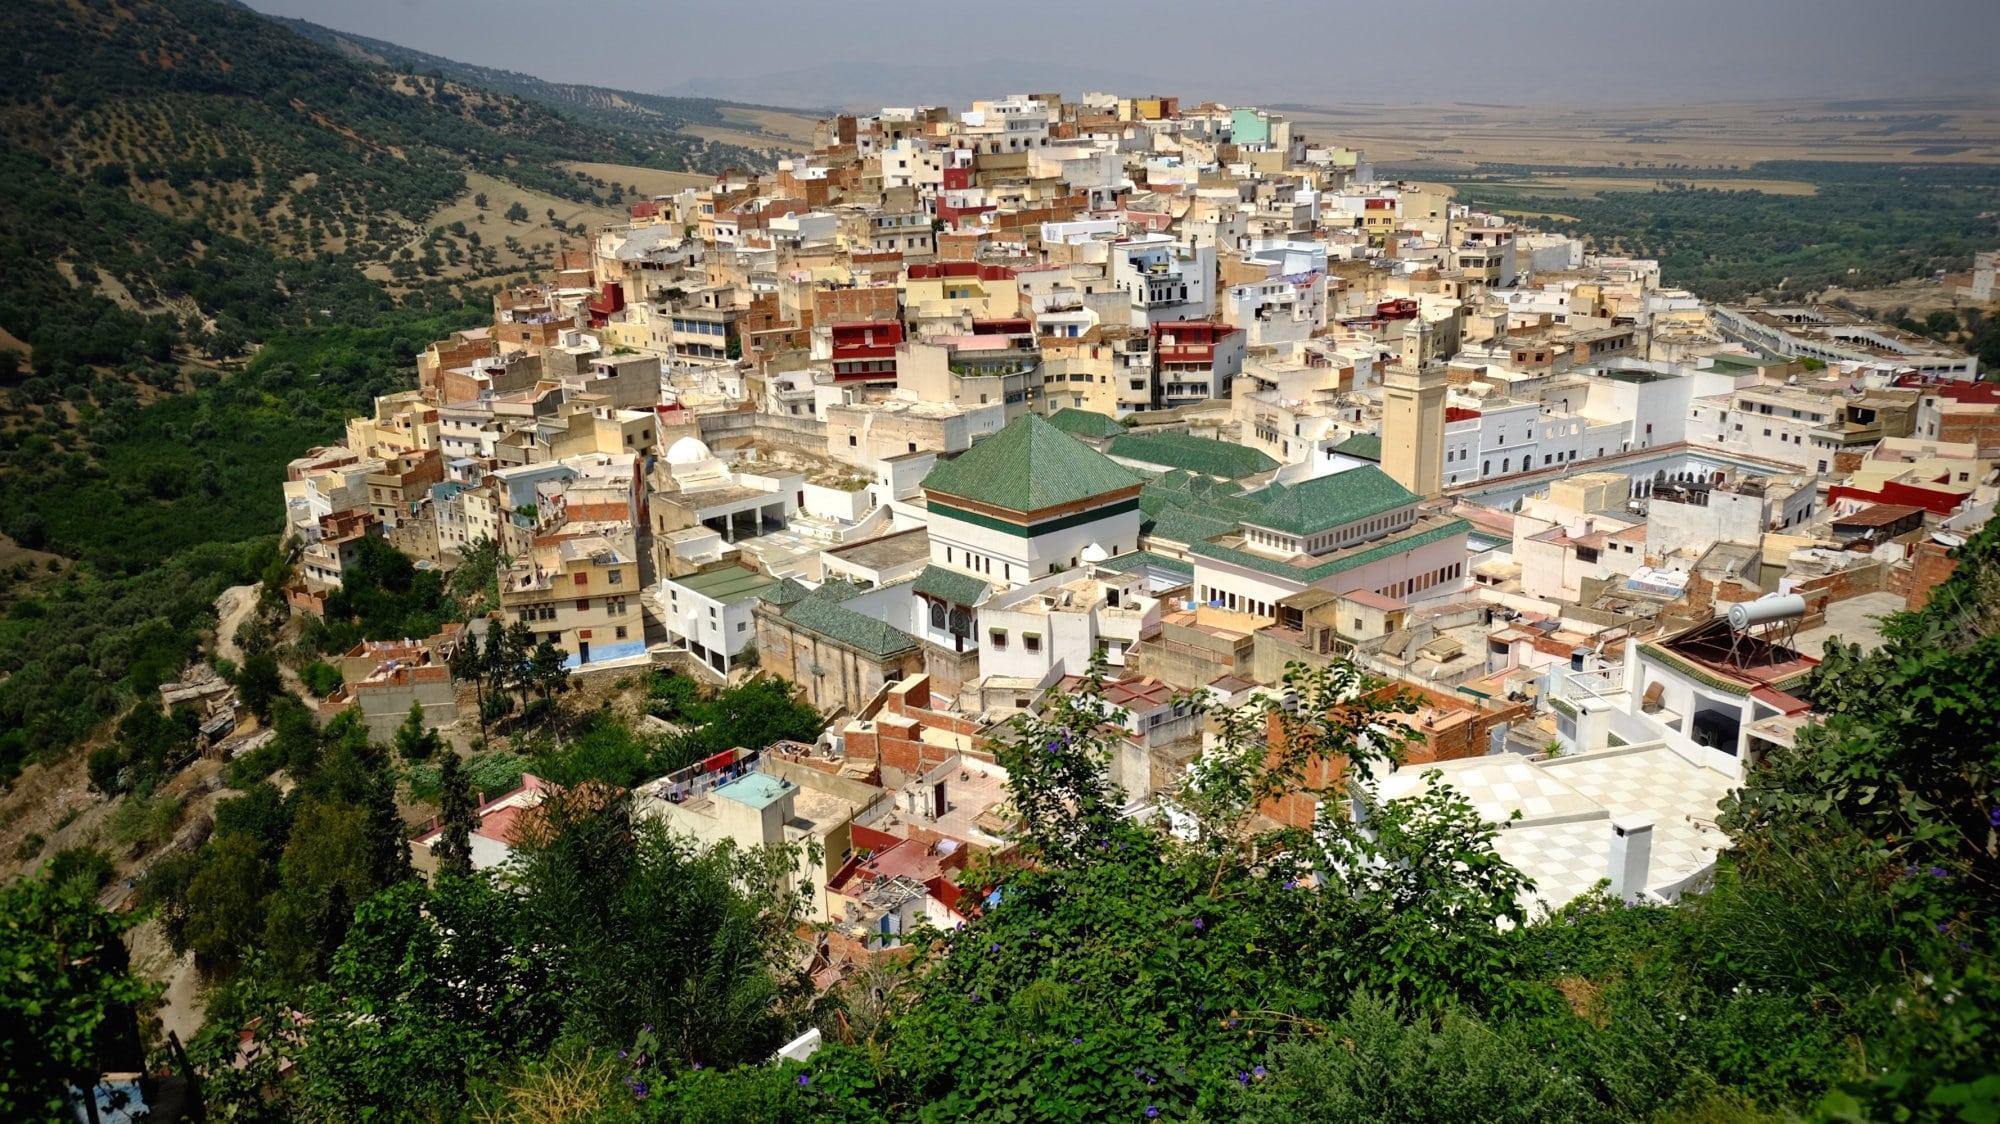 La ville Moulay Idriss au Maroc avec le tombeau d'Idrîs Ier qui a fondé la dynastie des Idrissides